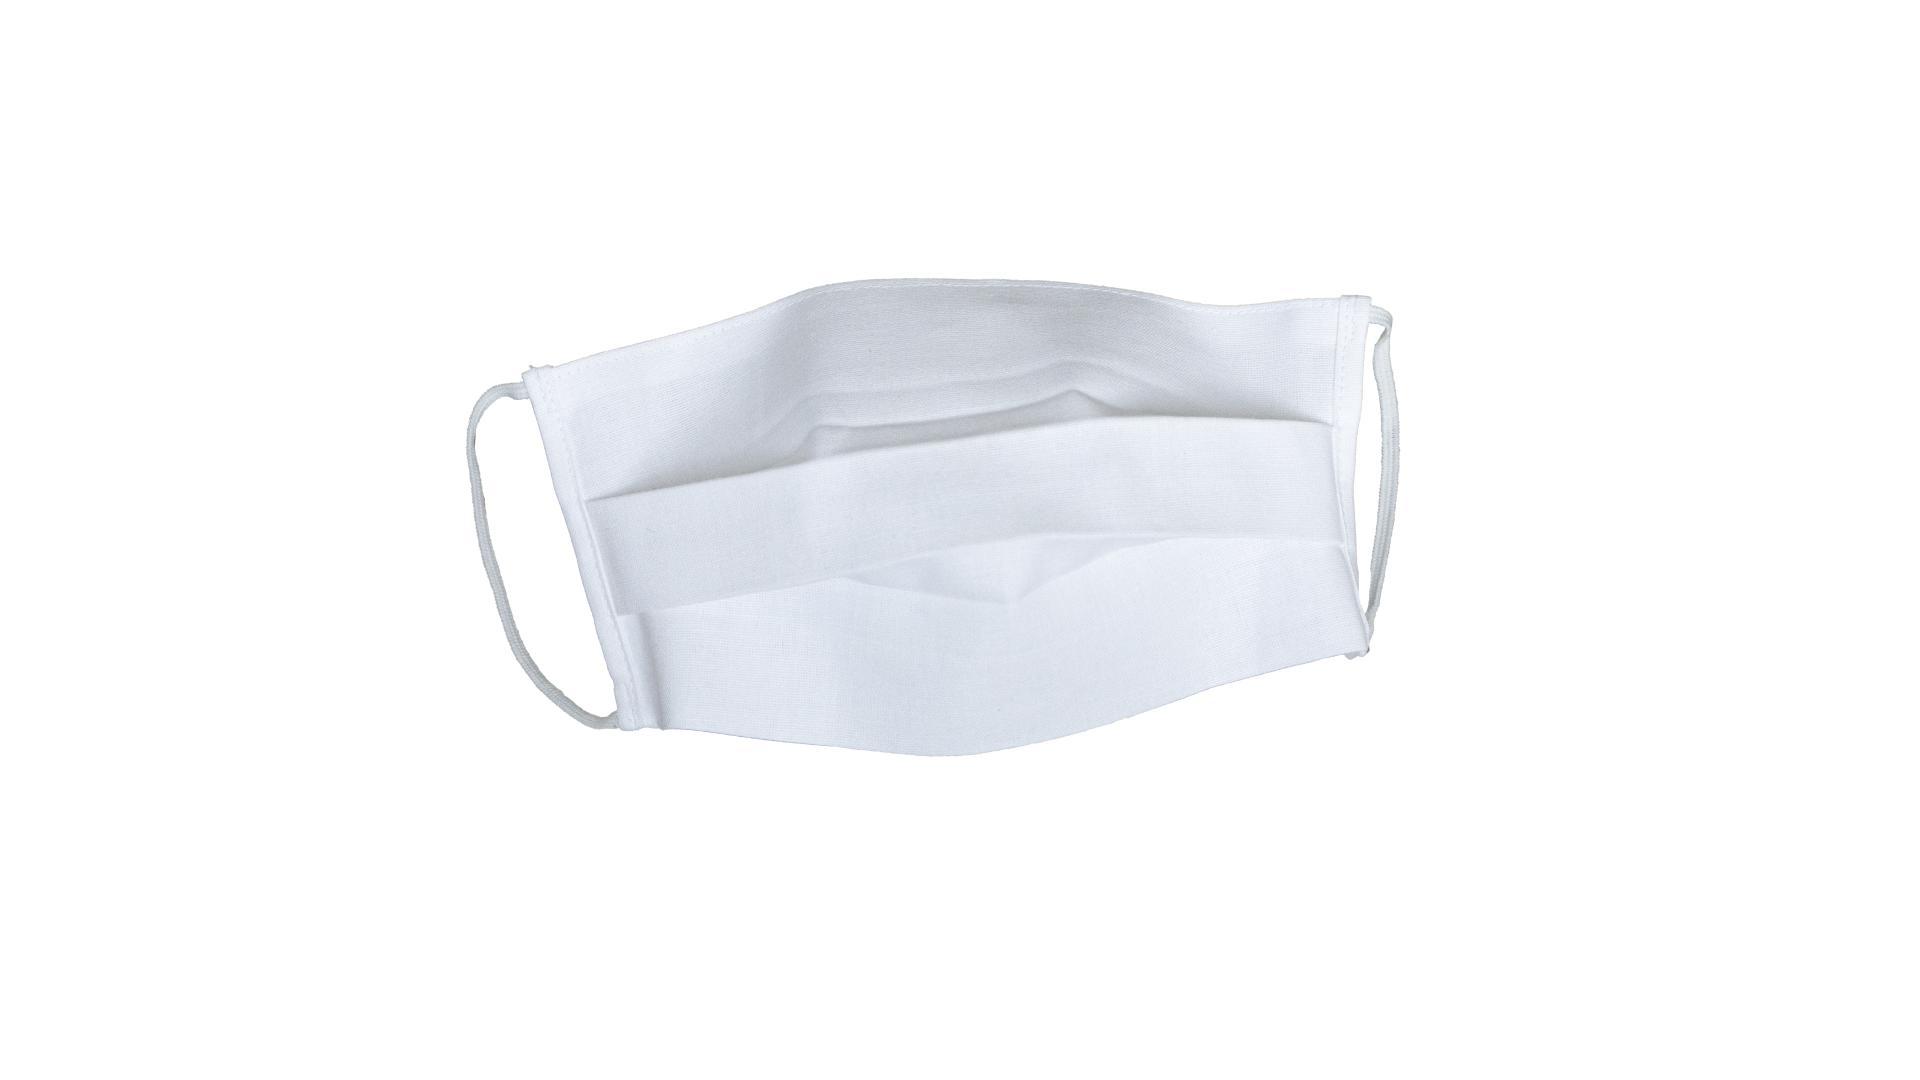 4CARS Dvouvrstvé ochranné bavlněné rouško bílé s gumičkou 3ks - větší